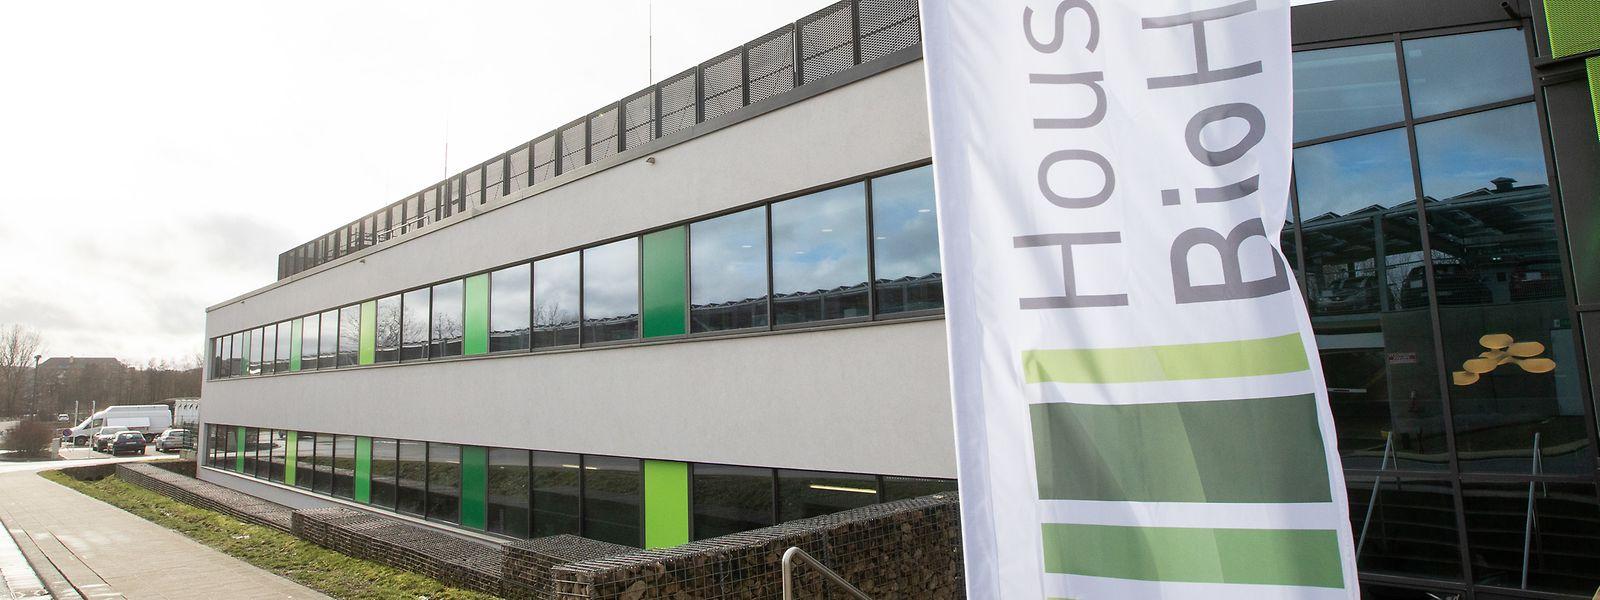 Une extension de la House of Biohealth, à Esch, accueillera prochainement les start-up admises dans l'incubateur.